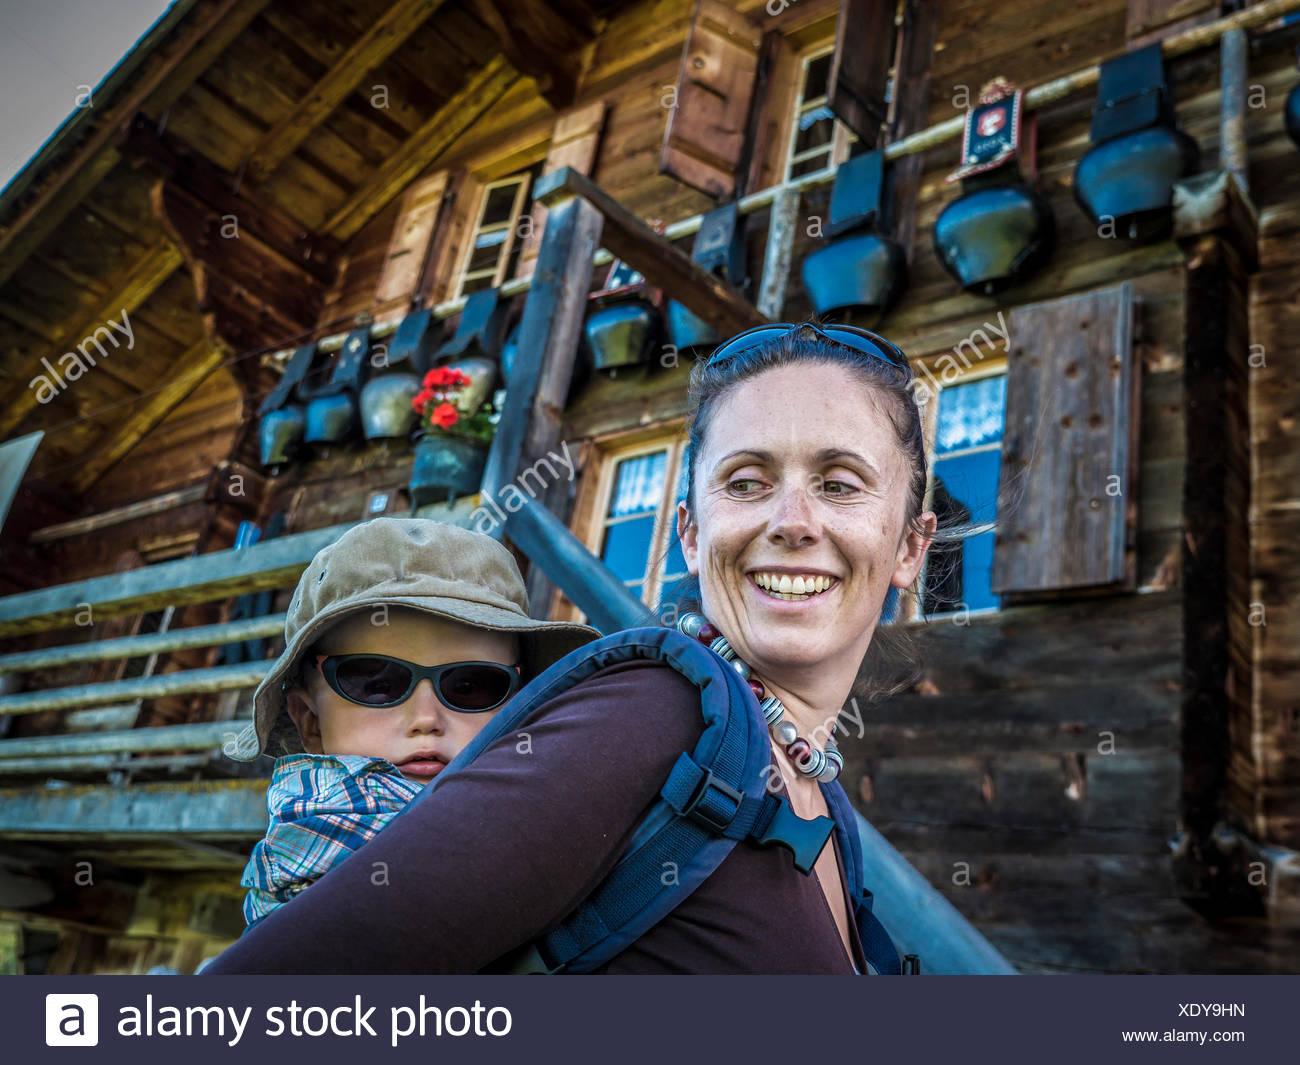 Femme Enfant donnant une piggyback ride, Bodme Alp, Gstaad, Canton de Berne, Suisse Banque D'Images